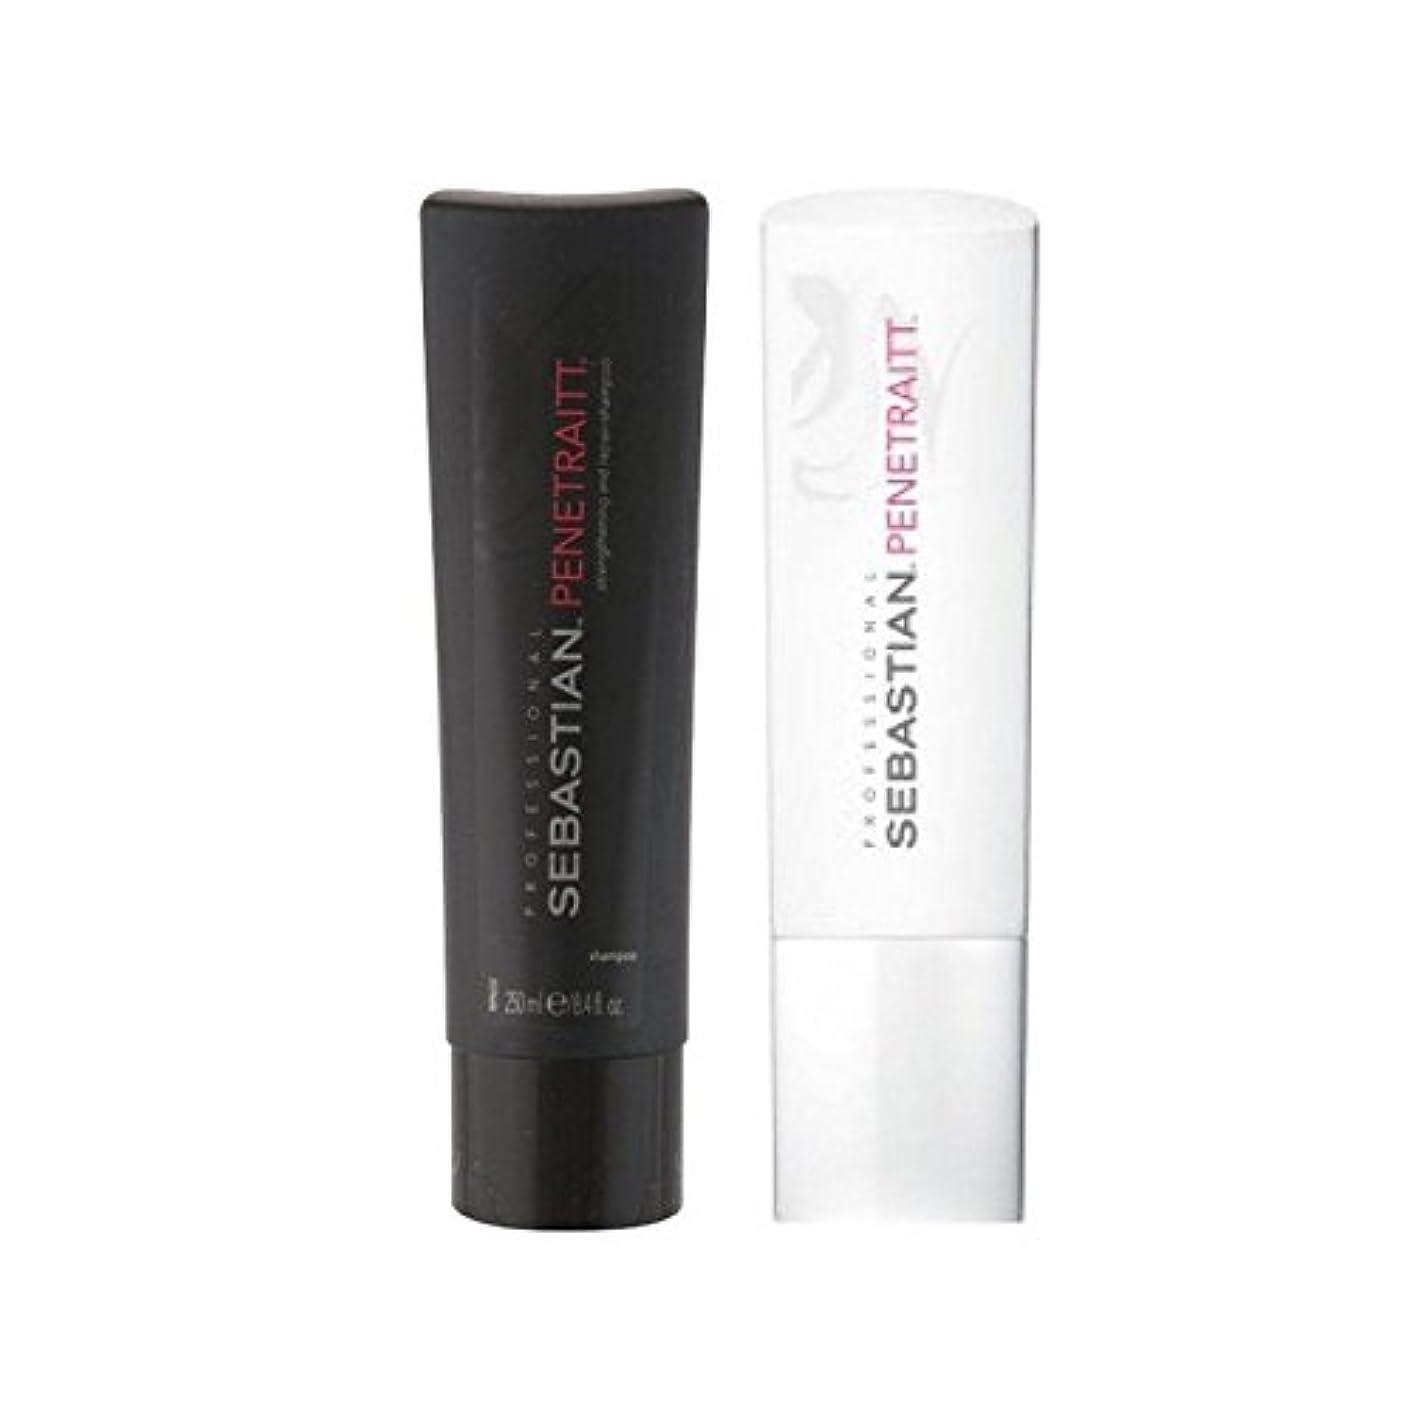 見捨てられた背景アルコールセバスチャンプロデュオ - シャンプー&コンディショナー x2 - Sebastian Professional Penetraitt Duo - Shampoo & Conditioner (Pack of 2) [並行輸入品]